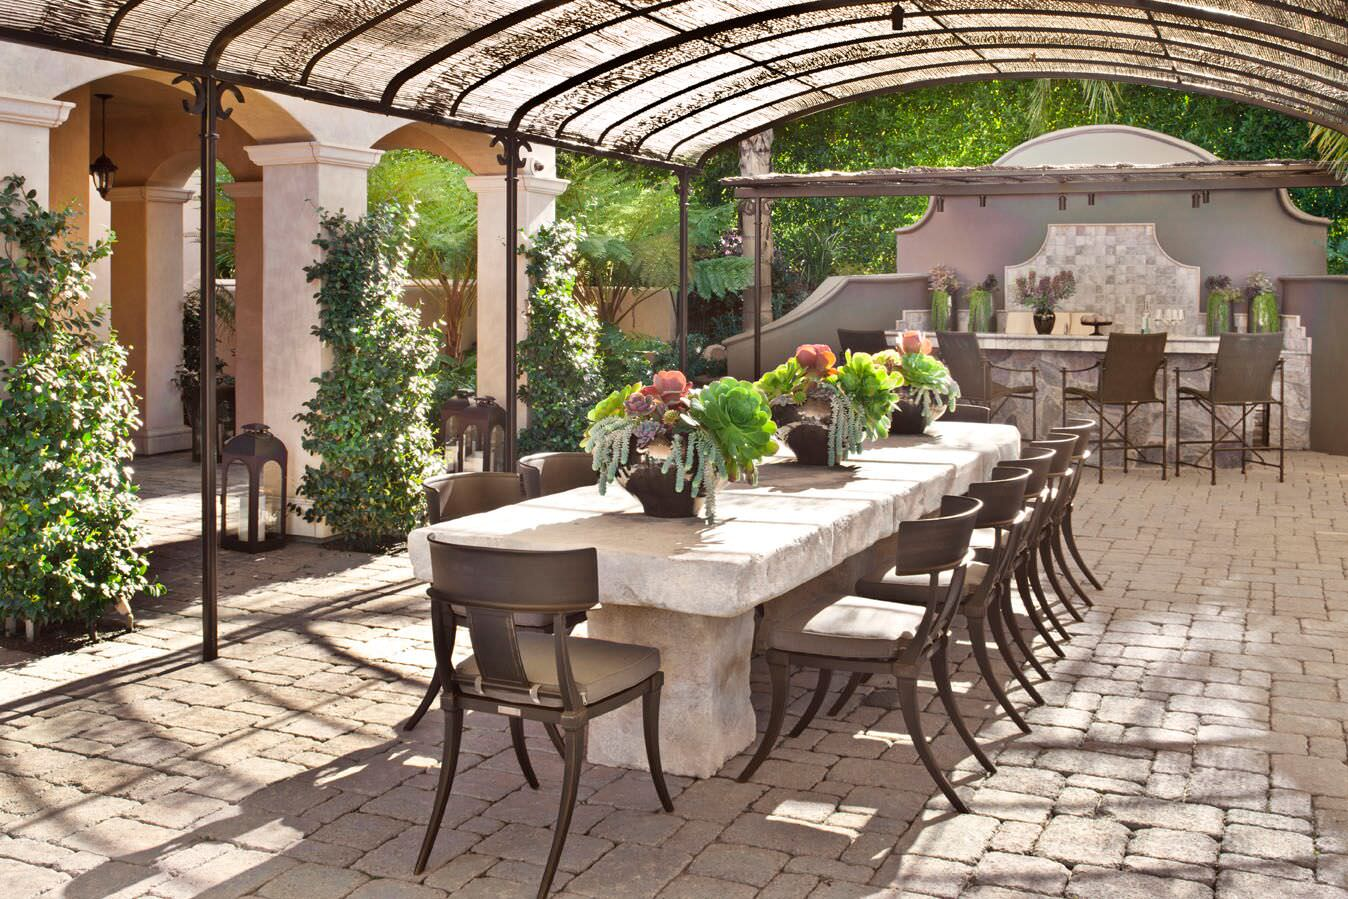 9+-+backyard+table_preview.jpeg